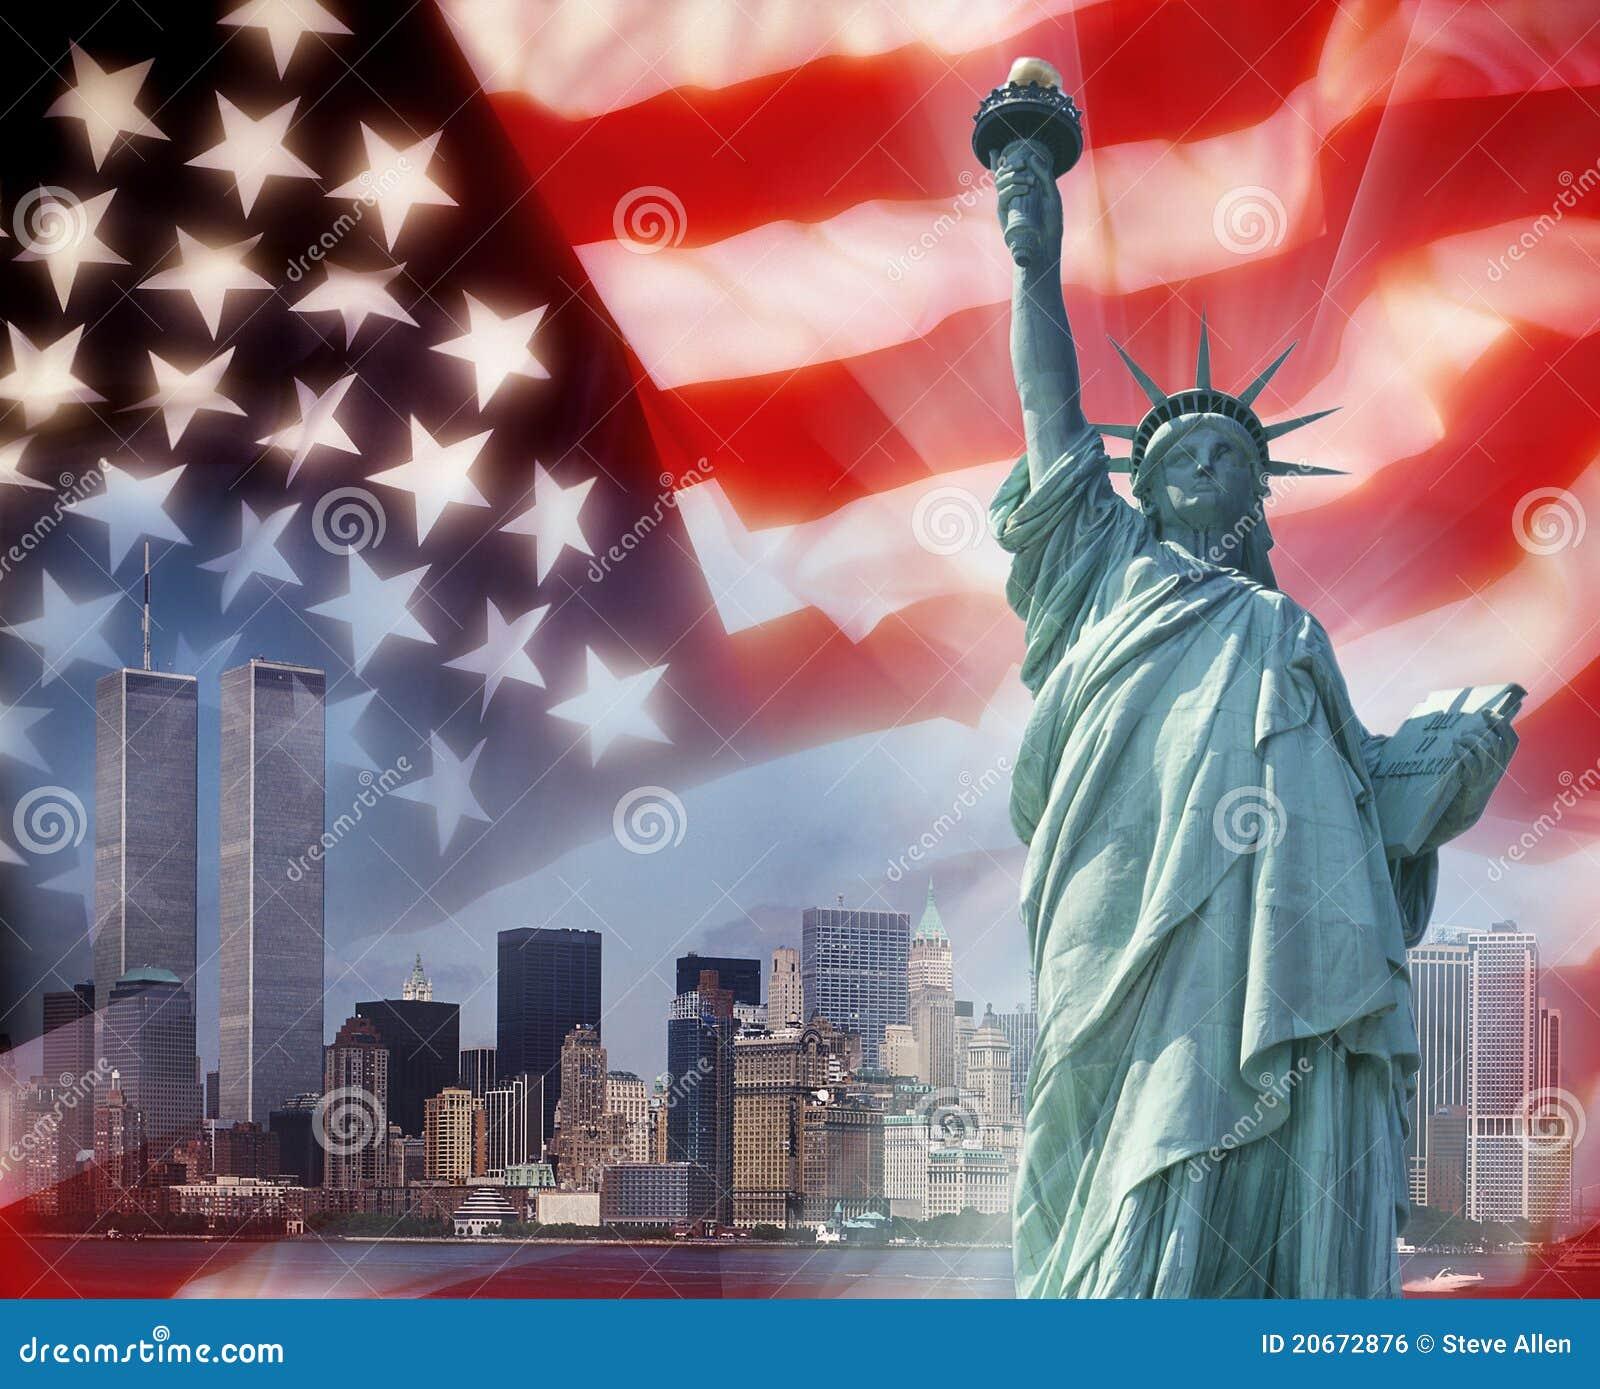 Torres gémeas - New York - símbolos patrióticos